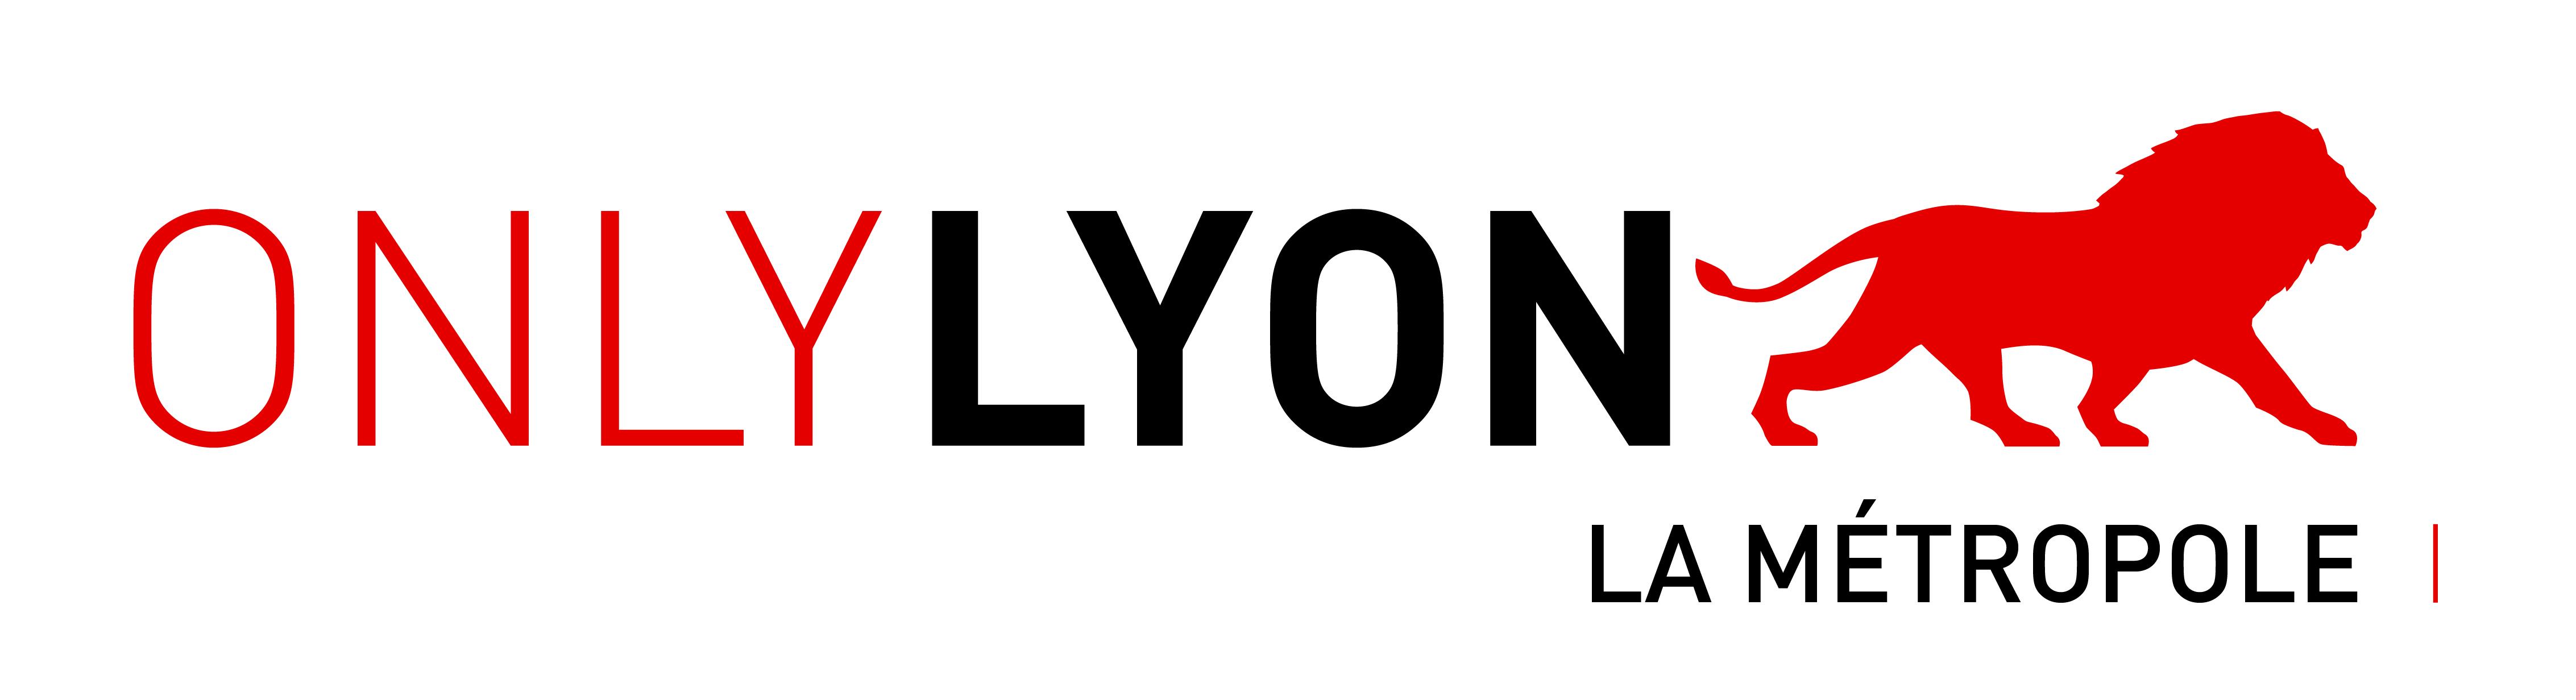 ONLY_CU_LYON_q_metropole.jpg